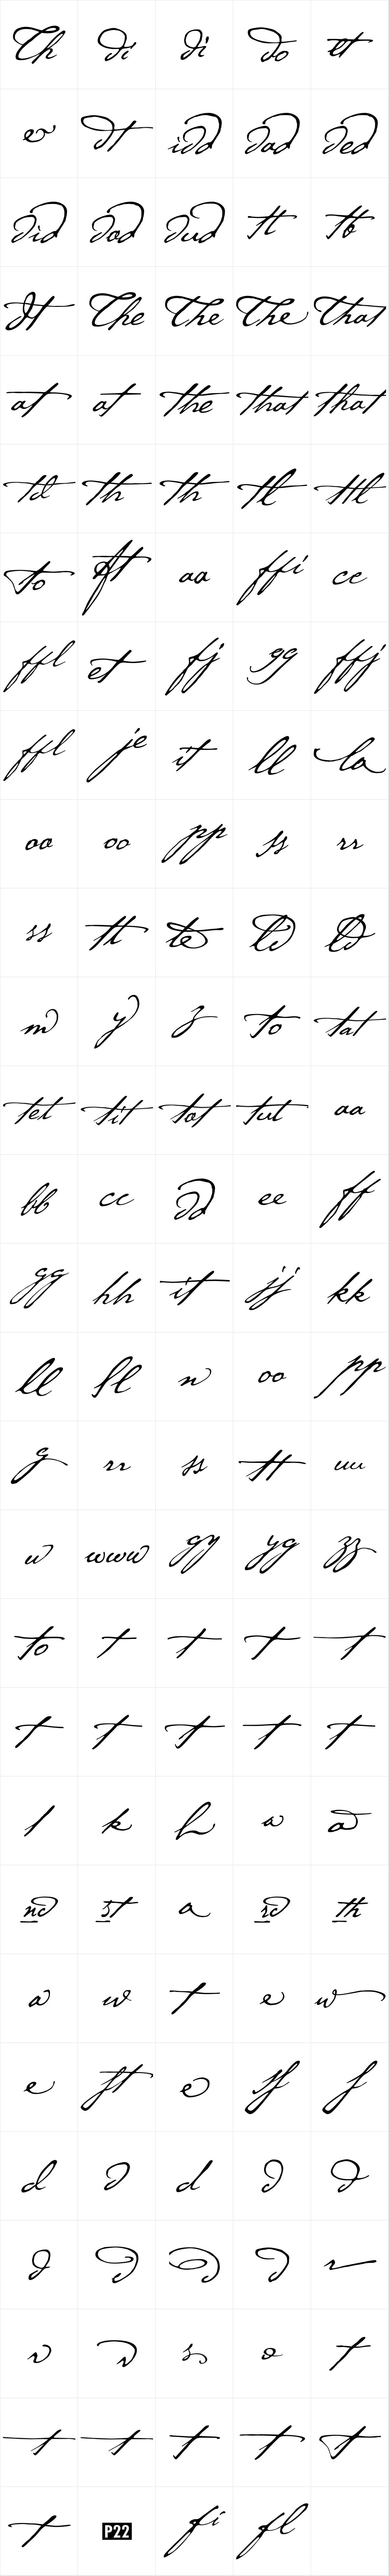 P22 Cezanne Ligatures